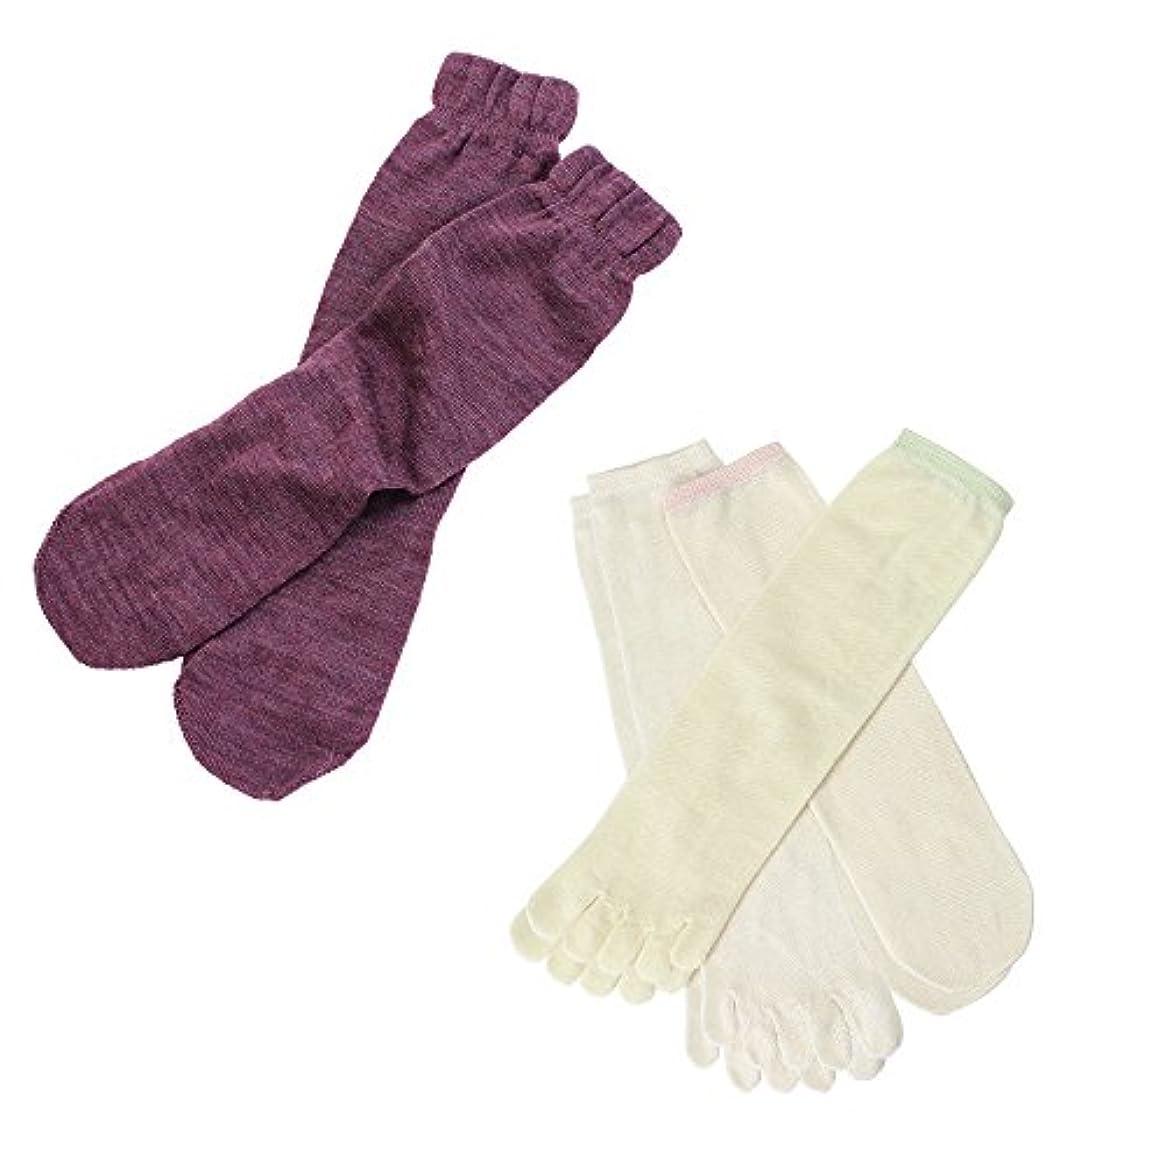 コスチューム悪化させる不要hiorie(ヒオリエ) 日本製 冷えとり靴下 シルク&ウール 5本指ソックス(重ねばき専用 4足セット) 正絹